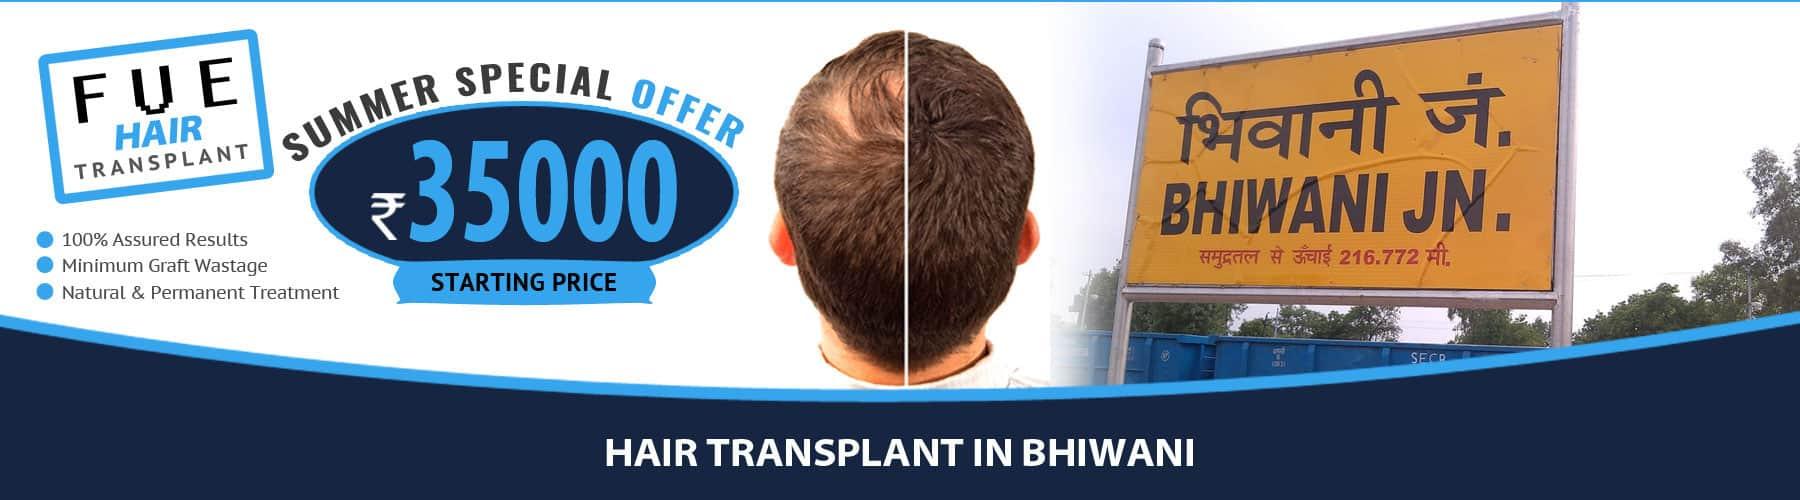 Hair Transplant Bhiwani